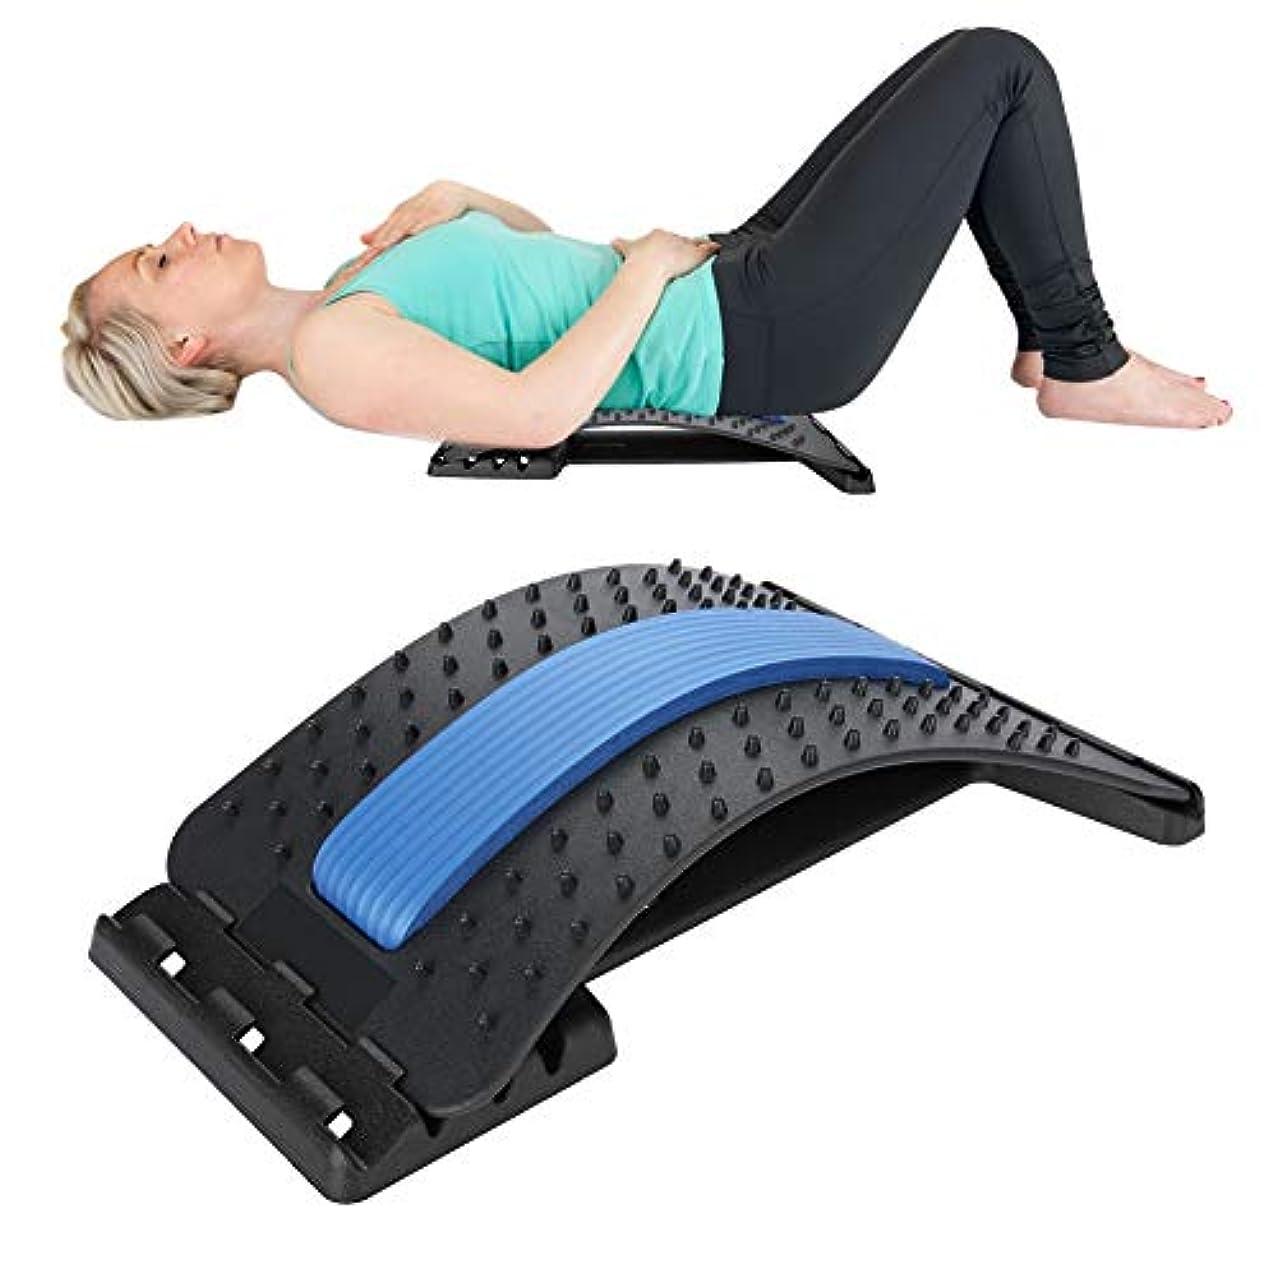 公平環境に優しいカトリック教徒腰部背部伸張器装置、背部マッサージャー背部腰痛のための背部腰痛サポート牽引の伸張のリラックスした脊椎減圧枕